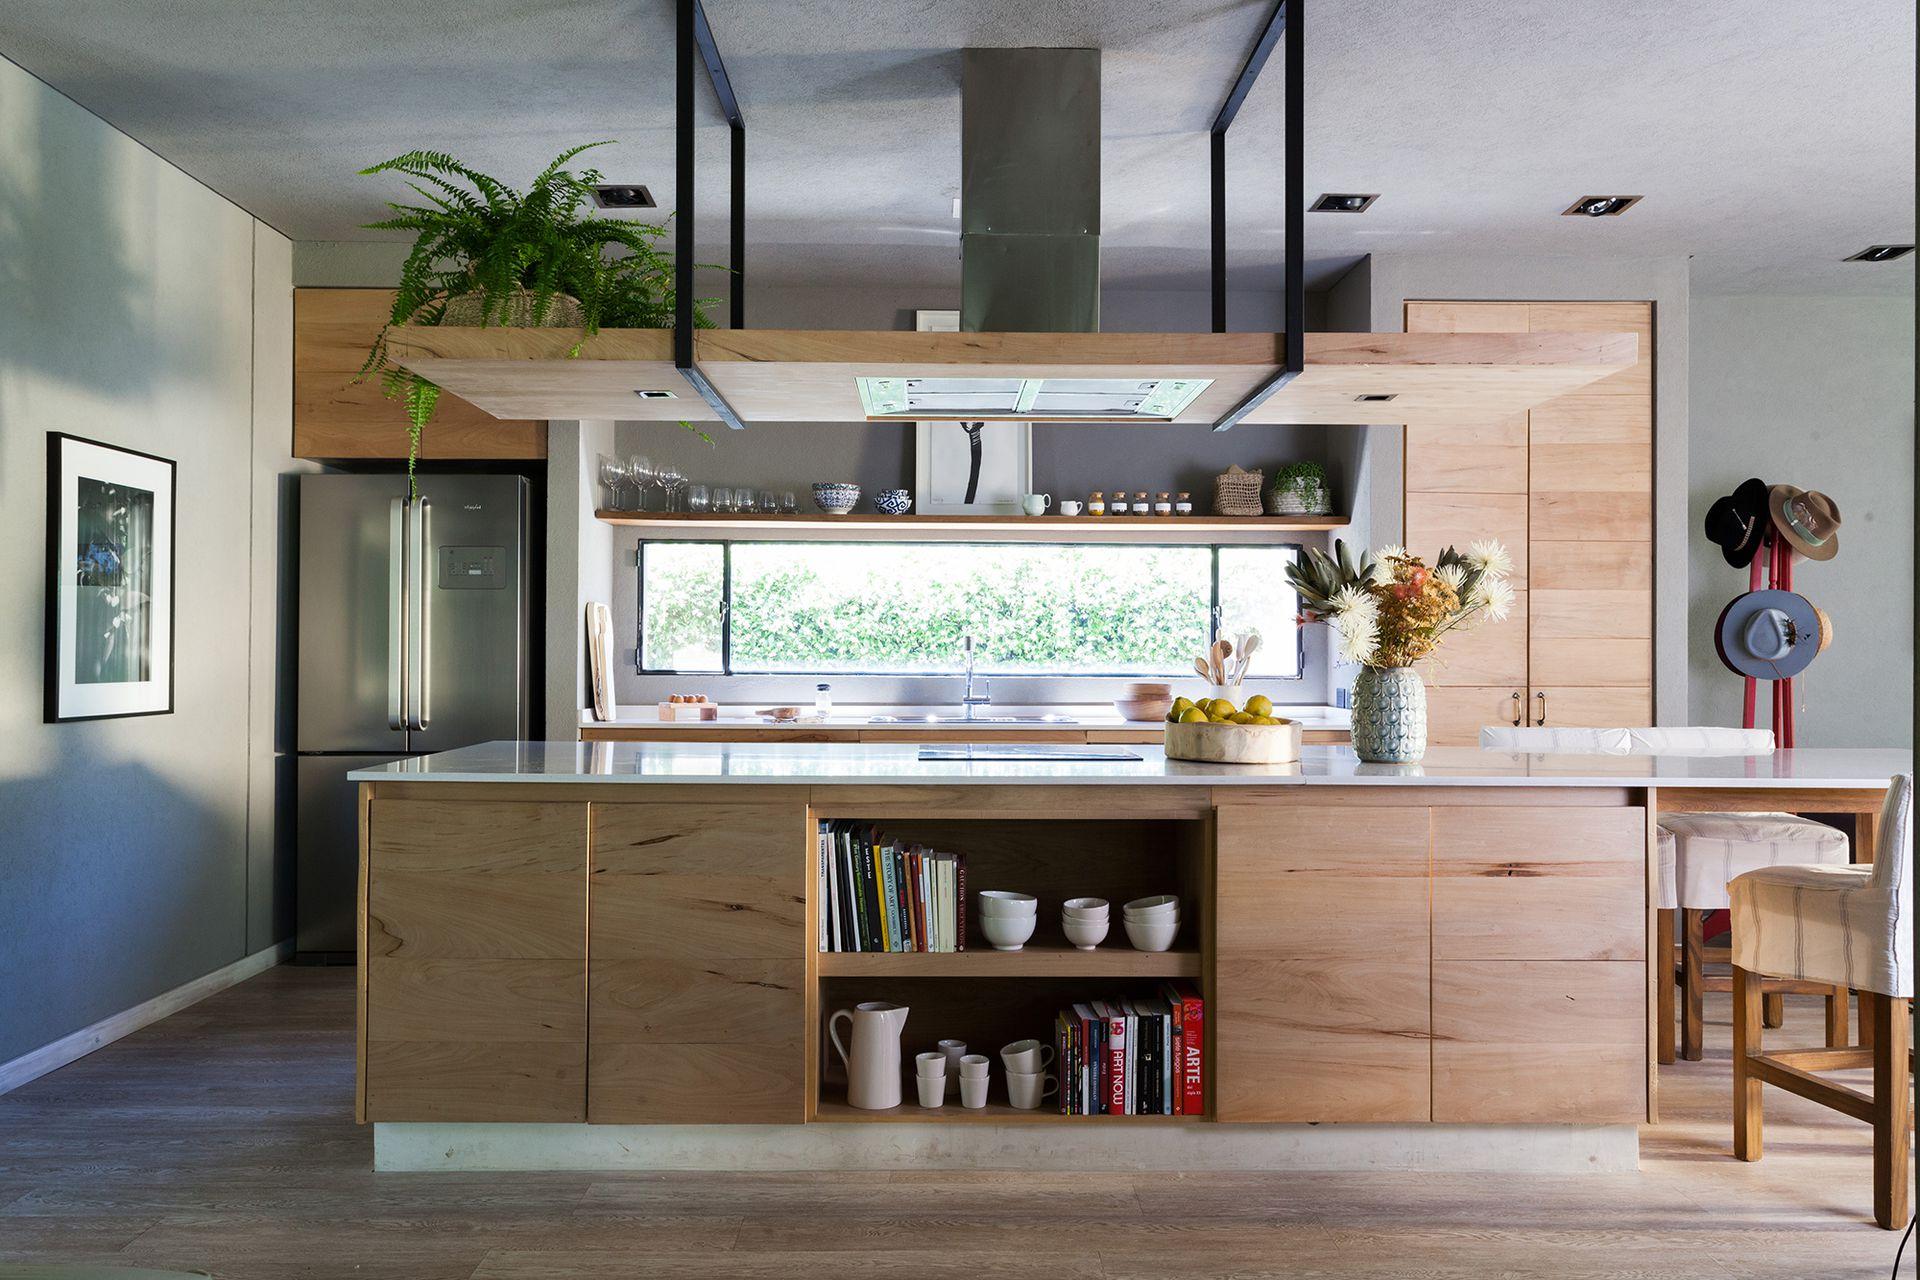 Isla revestida en madera de zoita, el mismo material que se usó para los muebles (Detry-Miguens Arquitectura). Piso símil madera (Pacific).